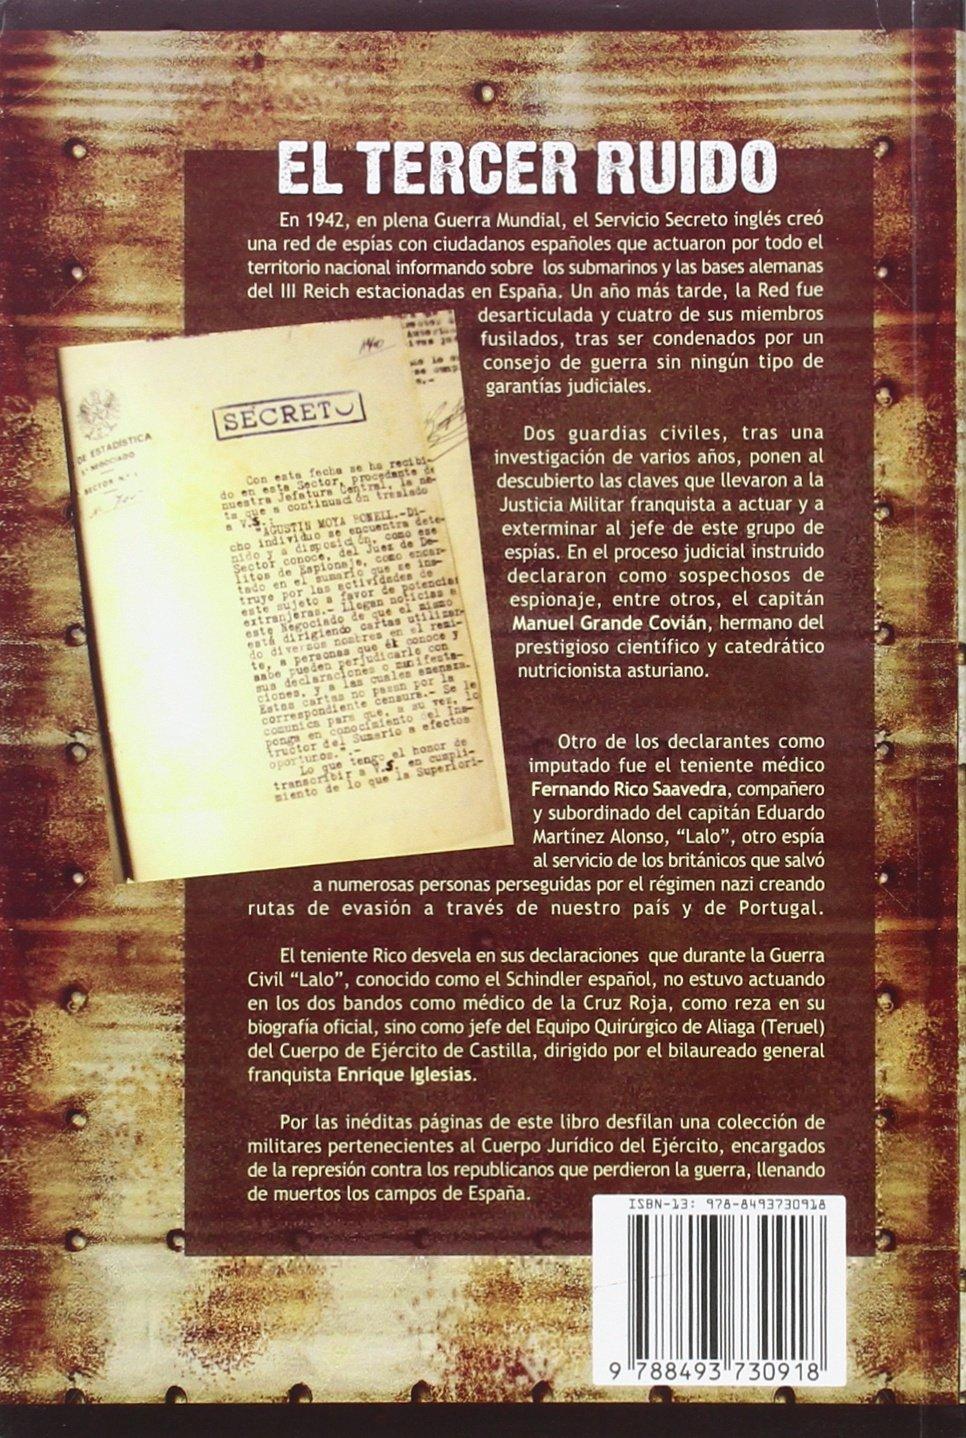 El tercer ruido: espionaje en España durante la 2ª Guerra Mundial: JOSÉ LUÍS / LANDERA GEA, JOSÉ ANTONIO CERVERO CARRILLO: 9788493730918: Amazon.com: Books